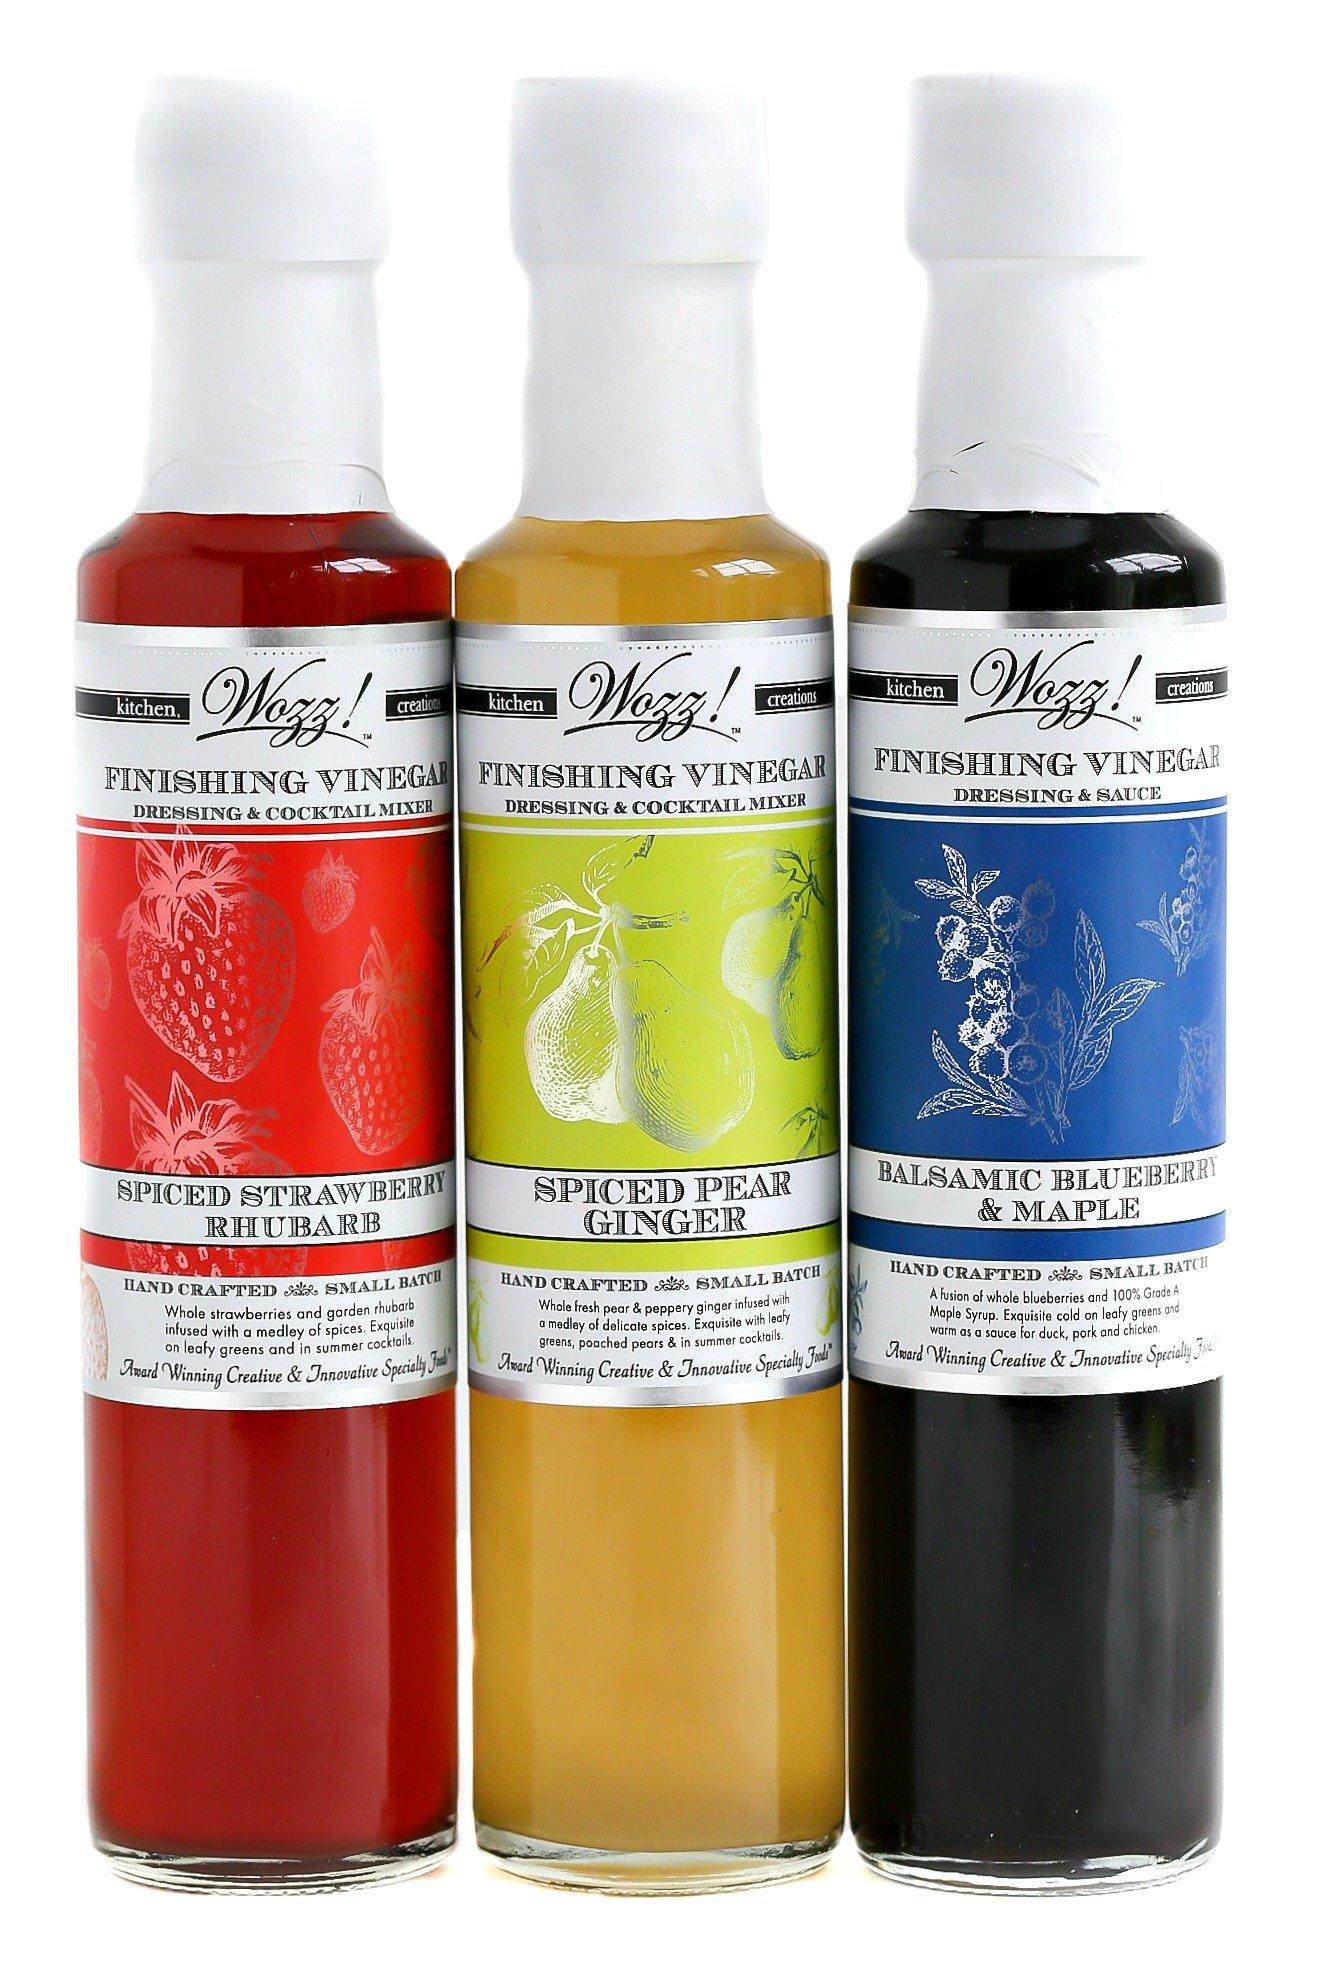 Wozz Kitchen Creations Gourmet Vinegars Set of 3 (Each 8.5 Fl. Oz) Balsamic Blueberry Maple Vinegar, Strawberry Rhubarb Vinegar, Spiced Pear Ginger Vinegar - Handcrafted - Fruit Infused Vinegars